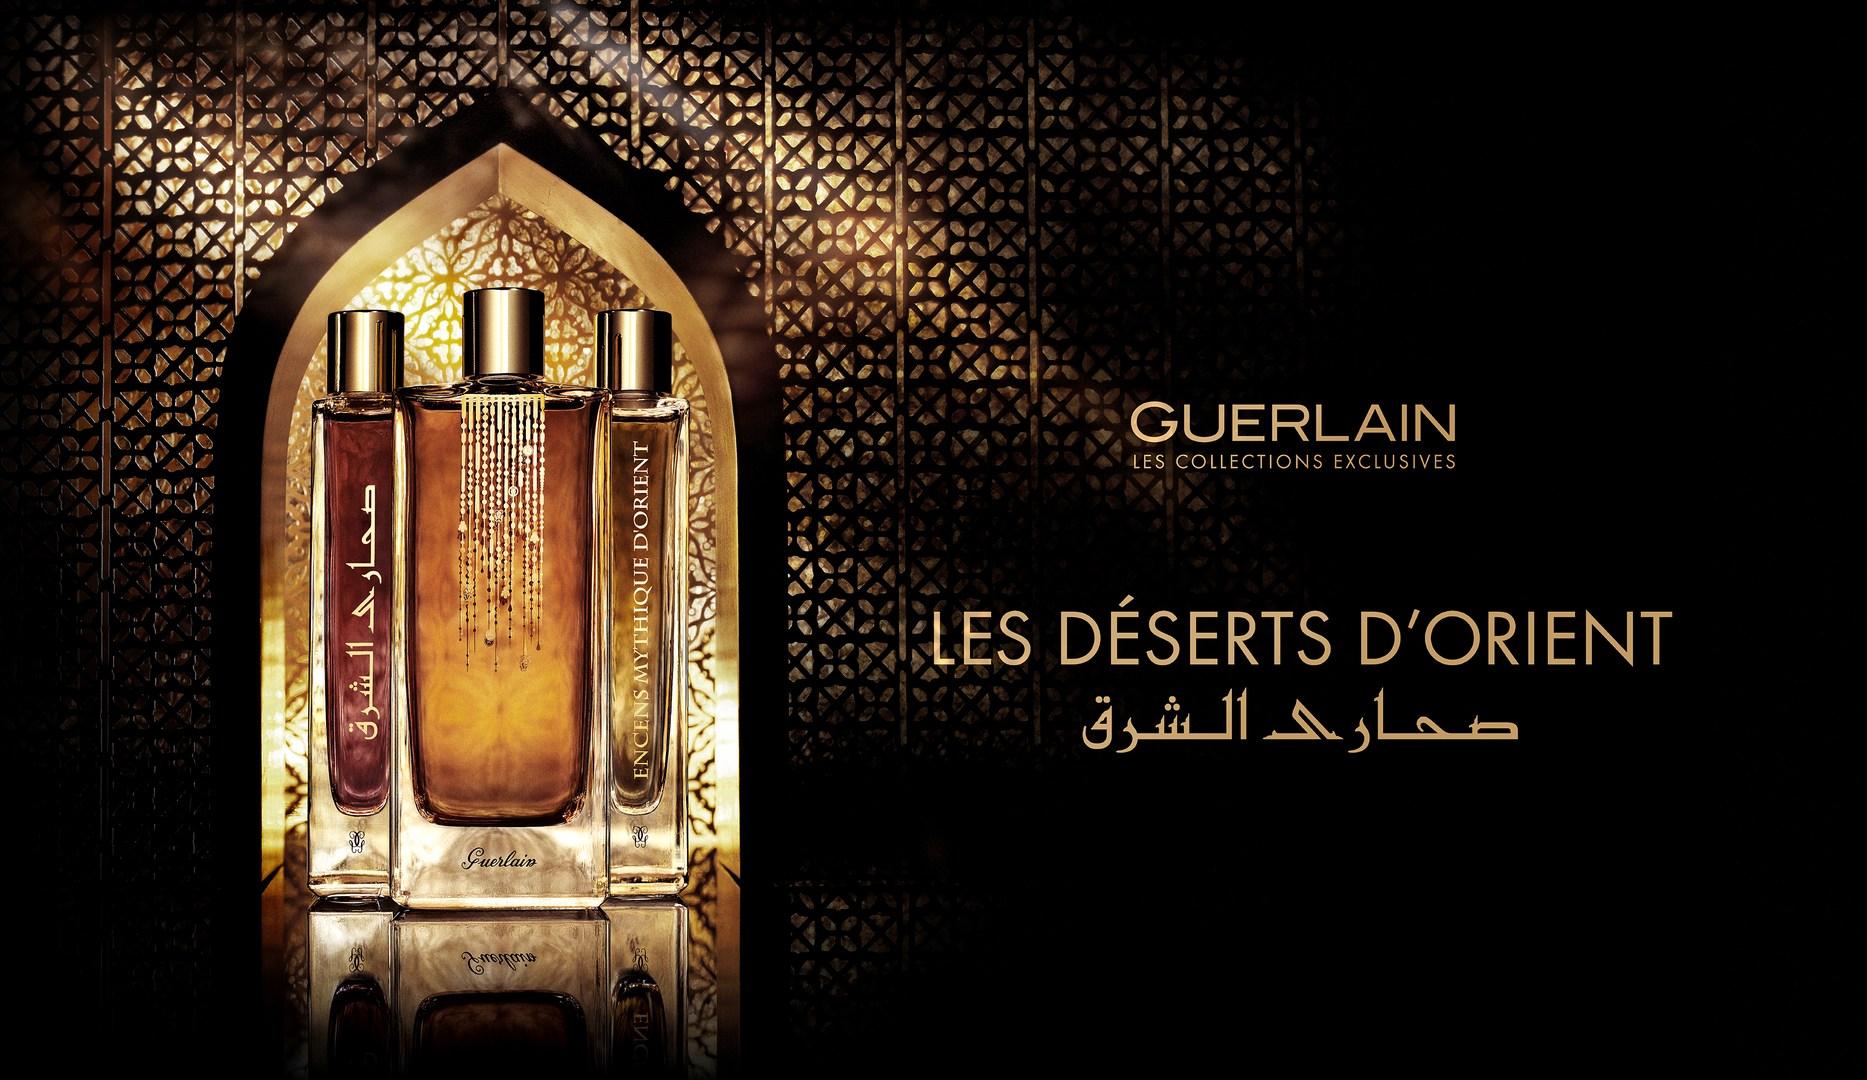 Guerlain les deserts d orient poruszaj ce pi kno - Les bains d orient 75010 ...